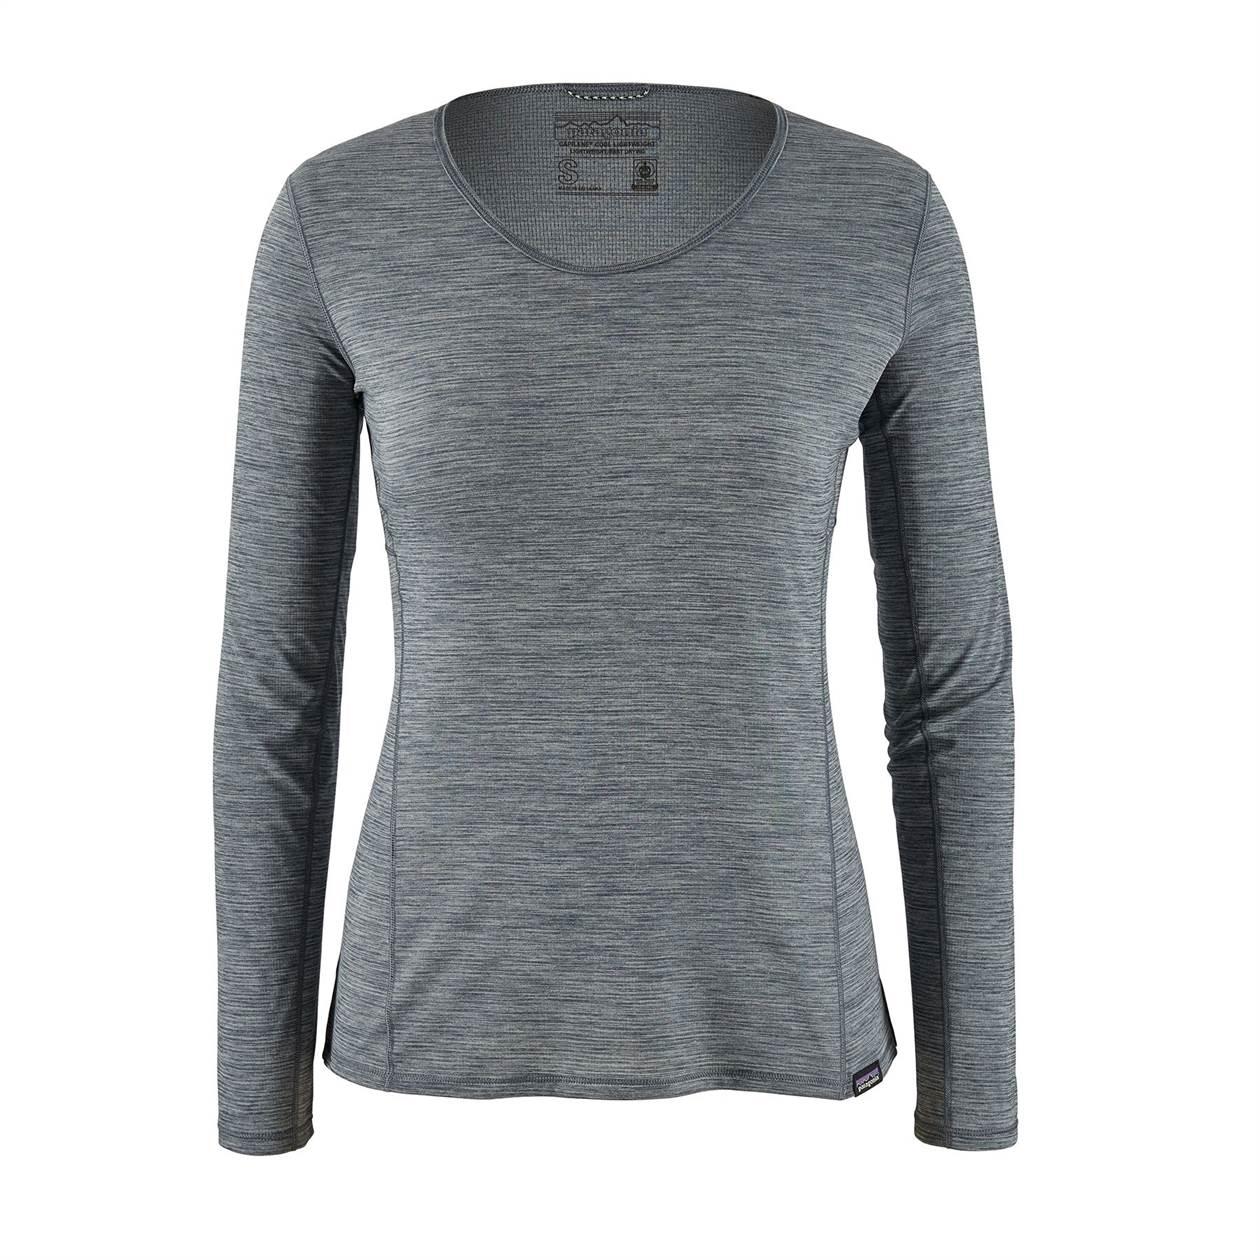 Cap Cool Lightweight Shirt Long Sleeve - Women's